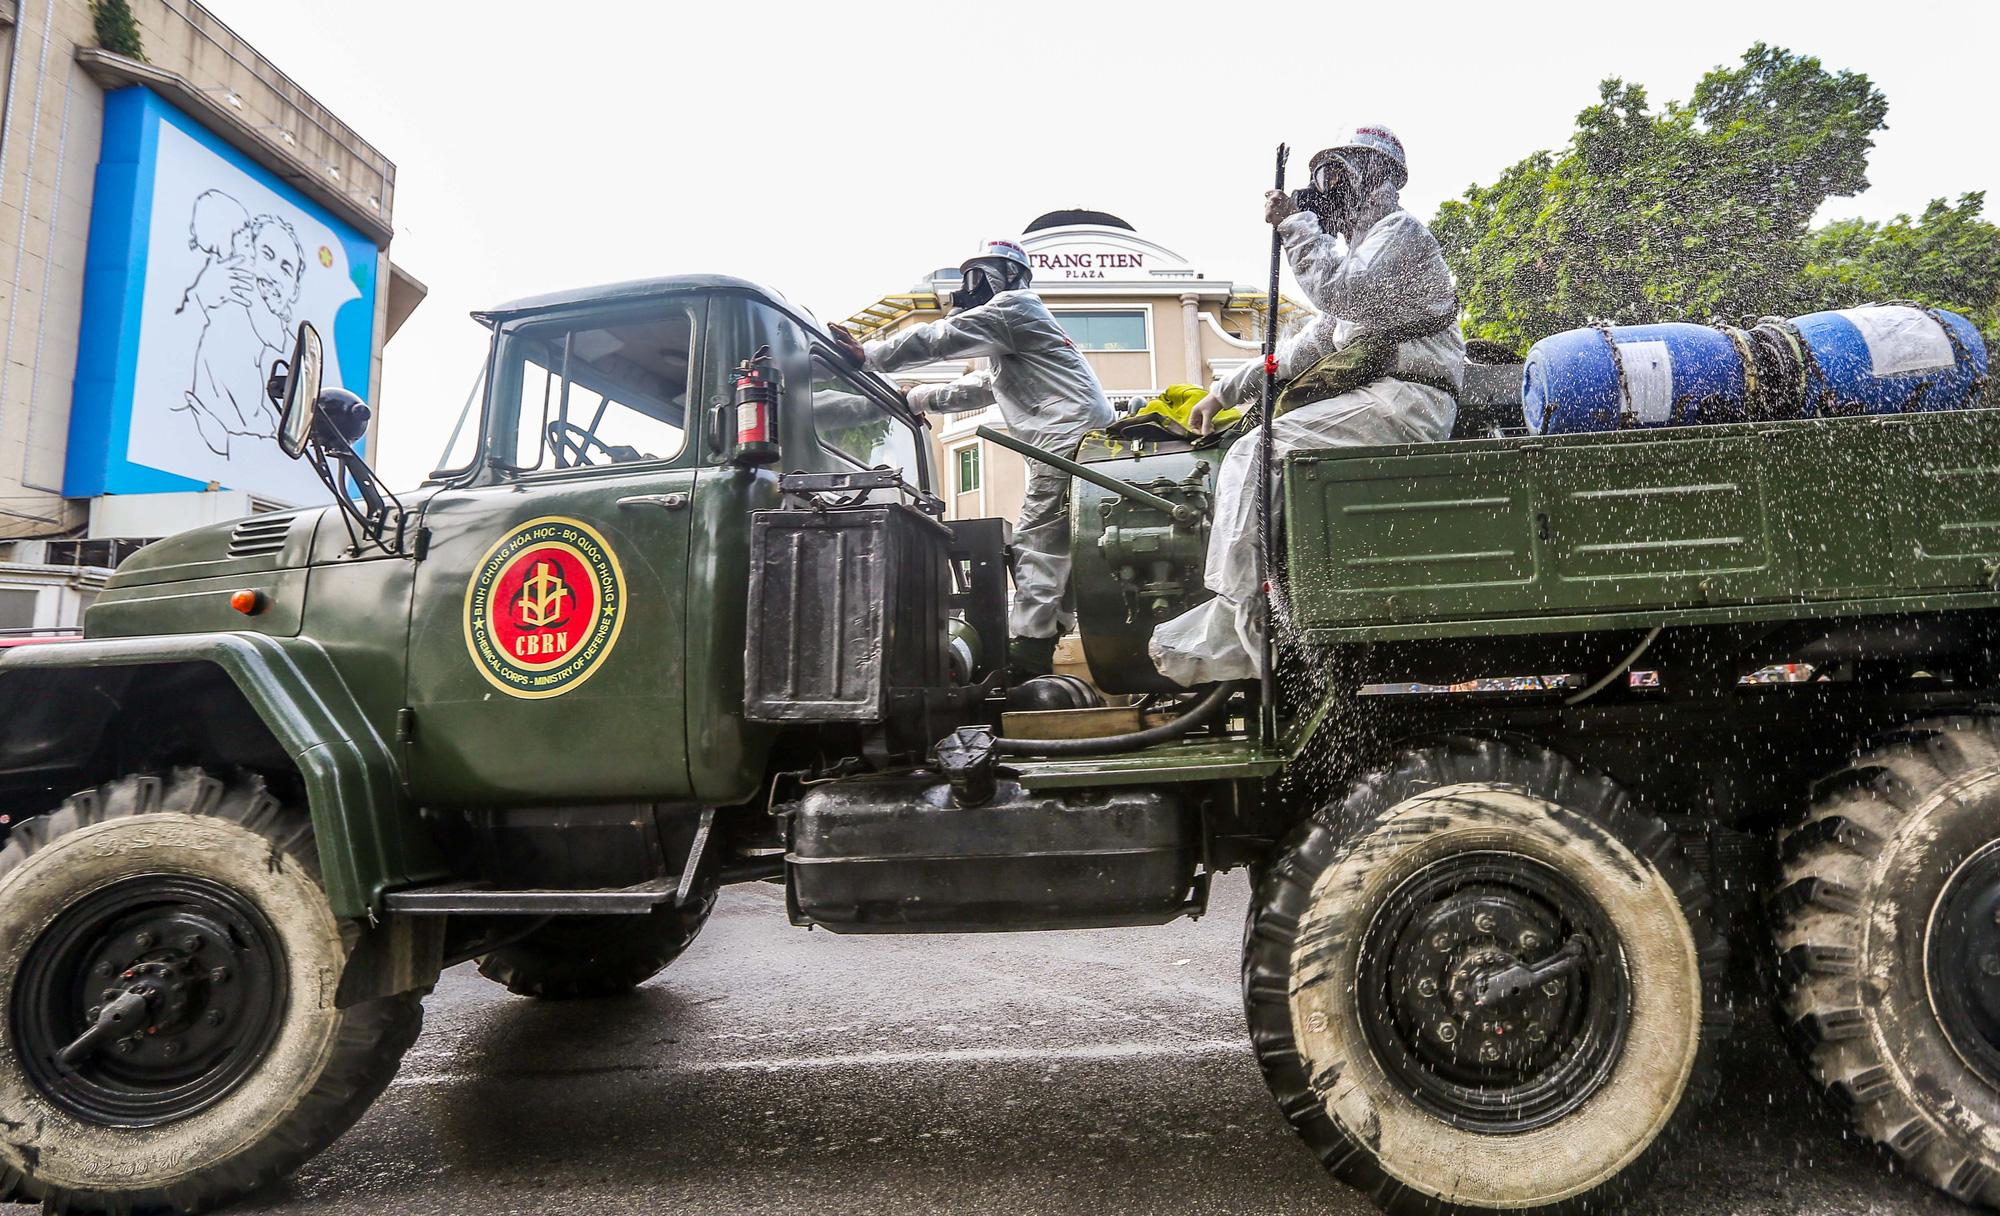 15 xe đặc chủng ra quân phun khử khuẩn ở thành phố Hà Nội - Ảnh 12.